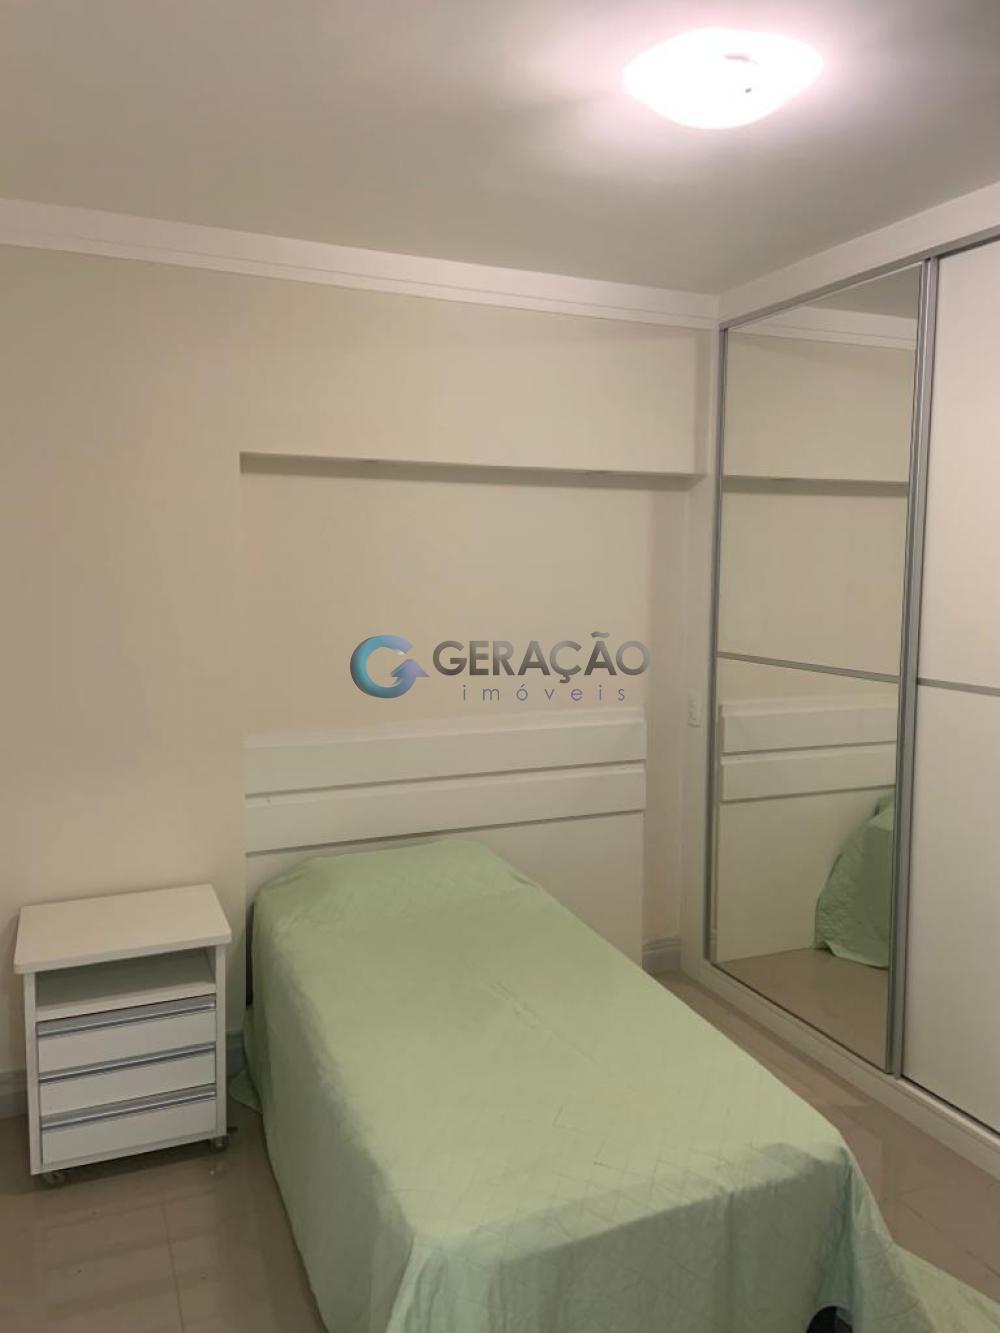 Comprar Apartamento / Padrão em São José dos Campos apenas R$ 350.000,00 - Foto 10